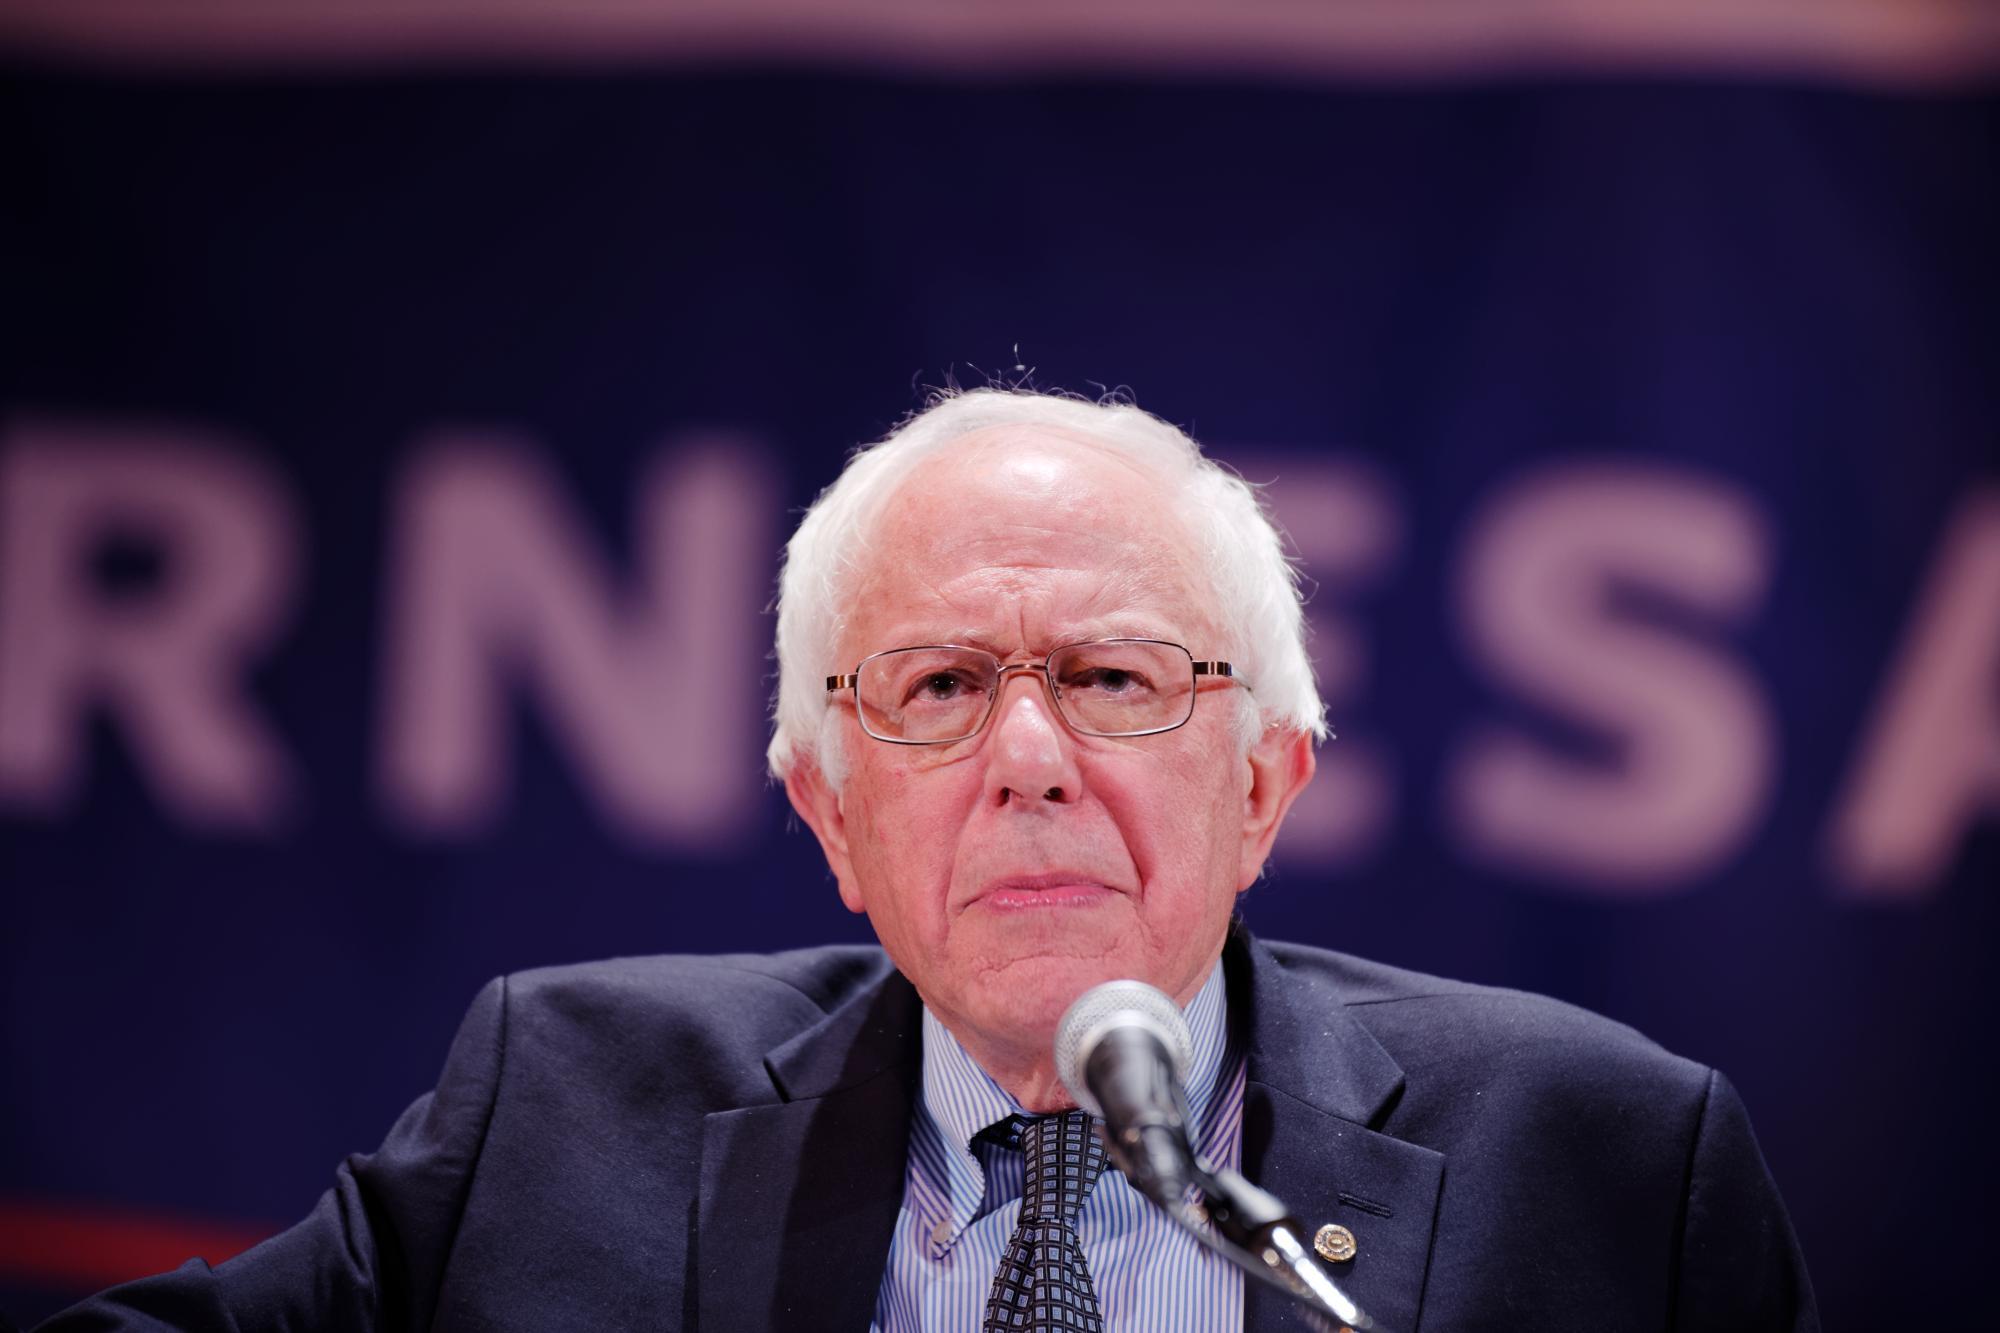 Bernie Sanders schaut angestrengt